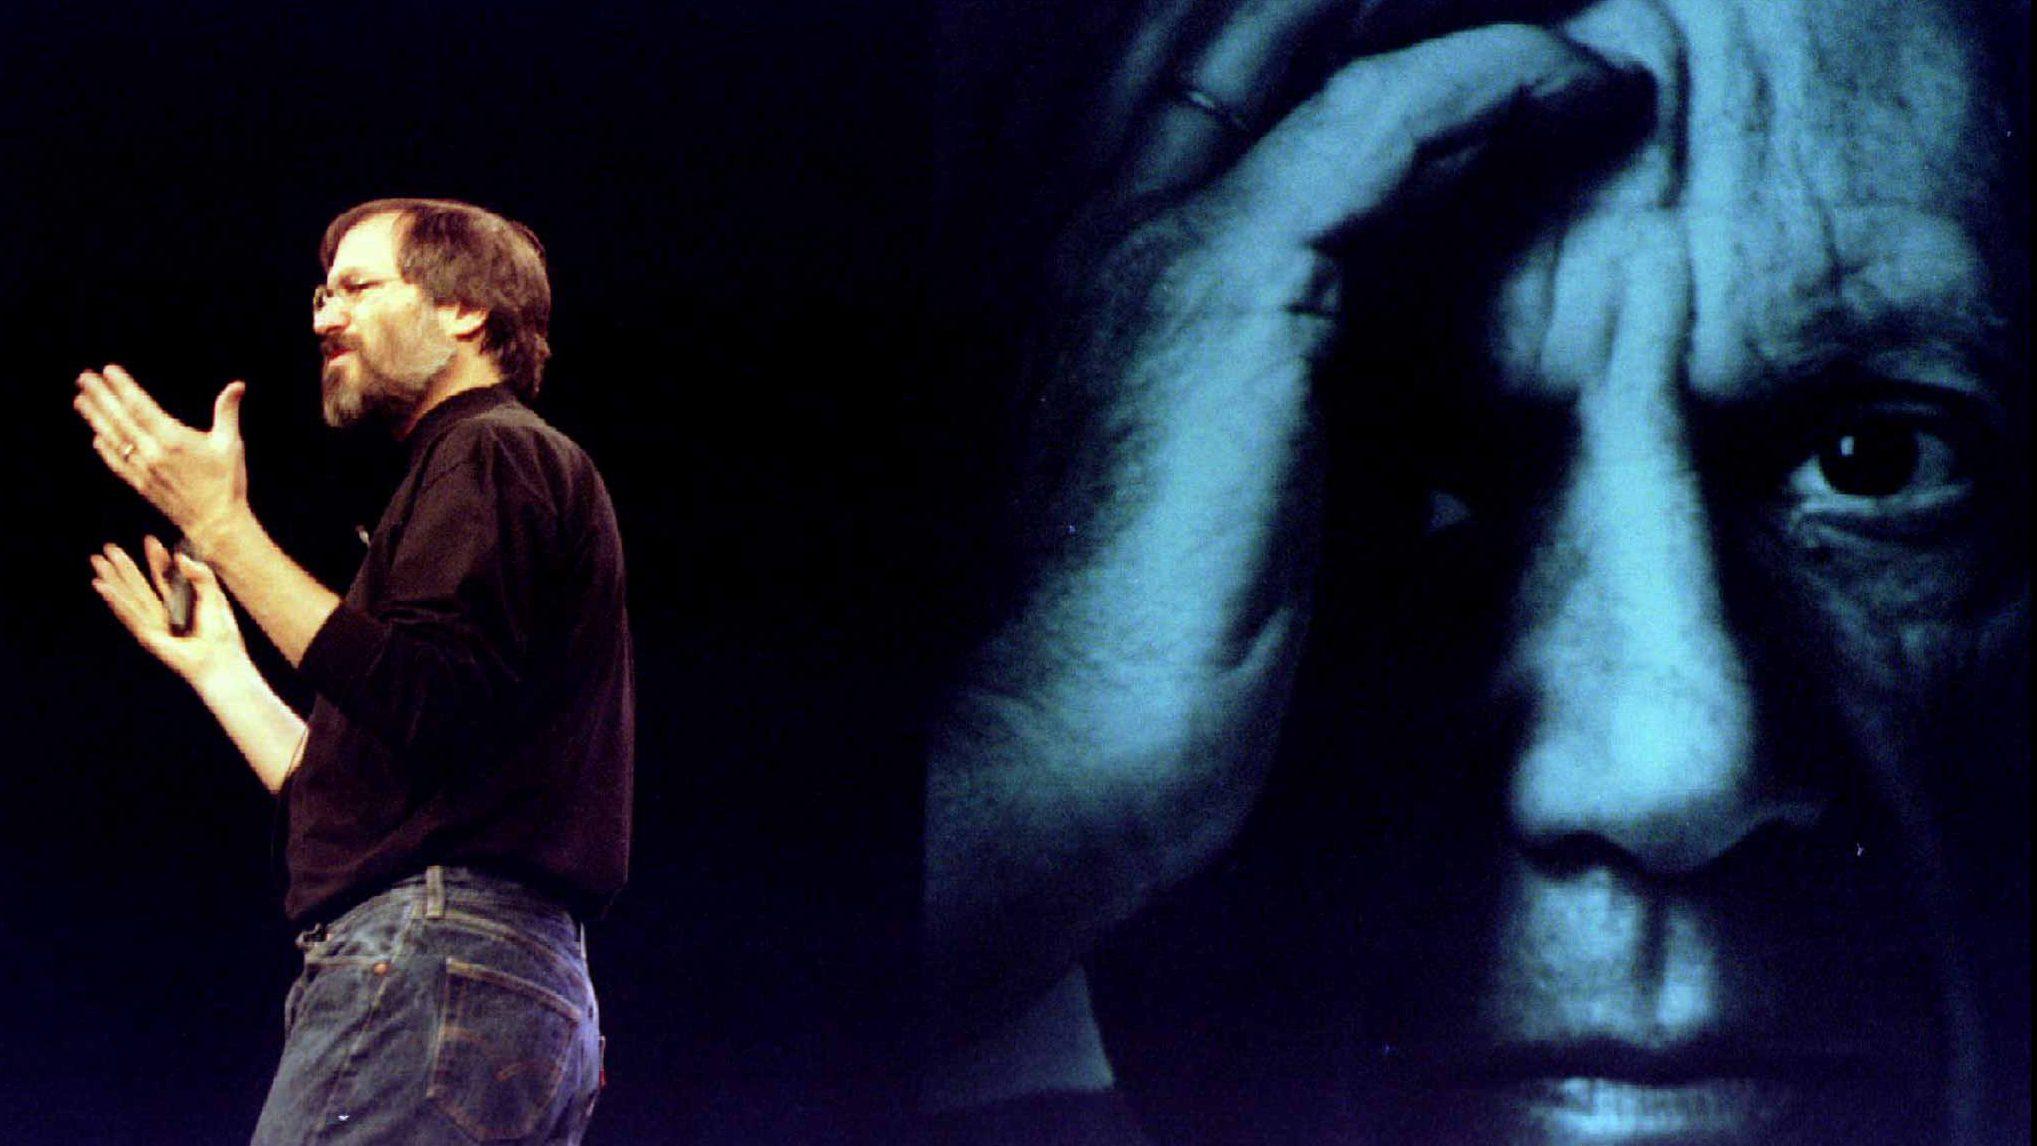 Conpanies mimic Steve Jobs at their peril.